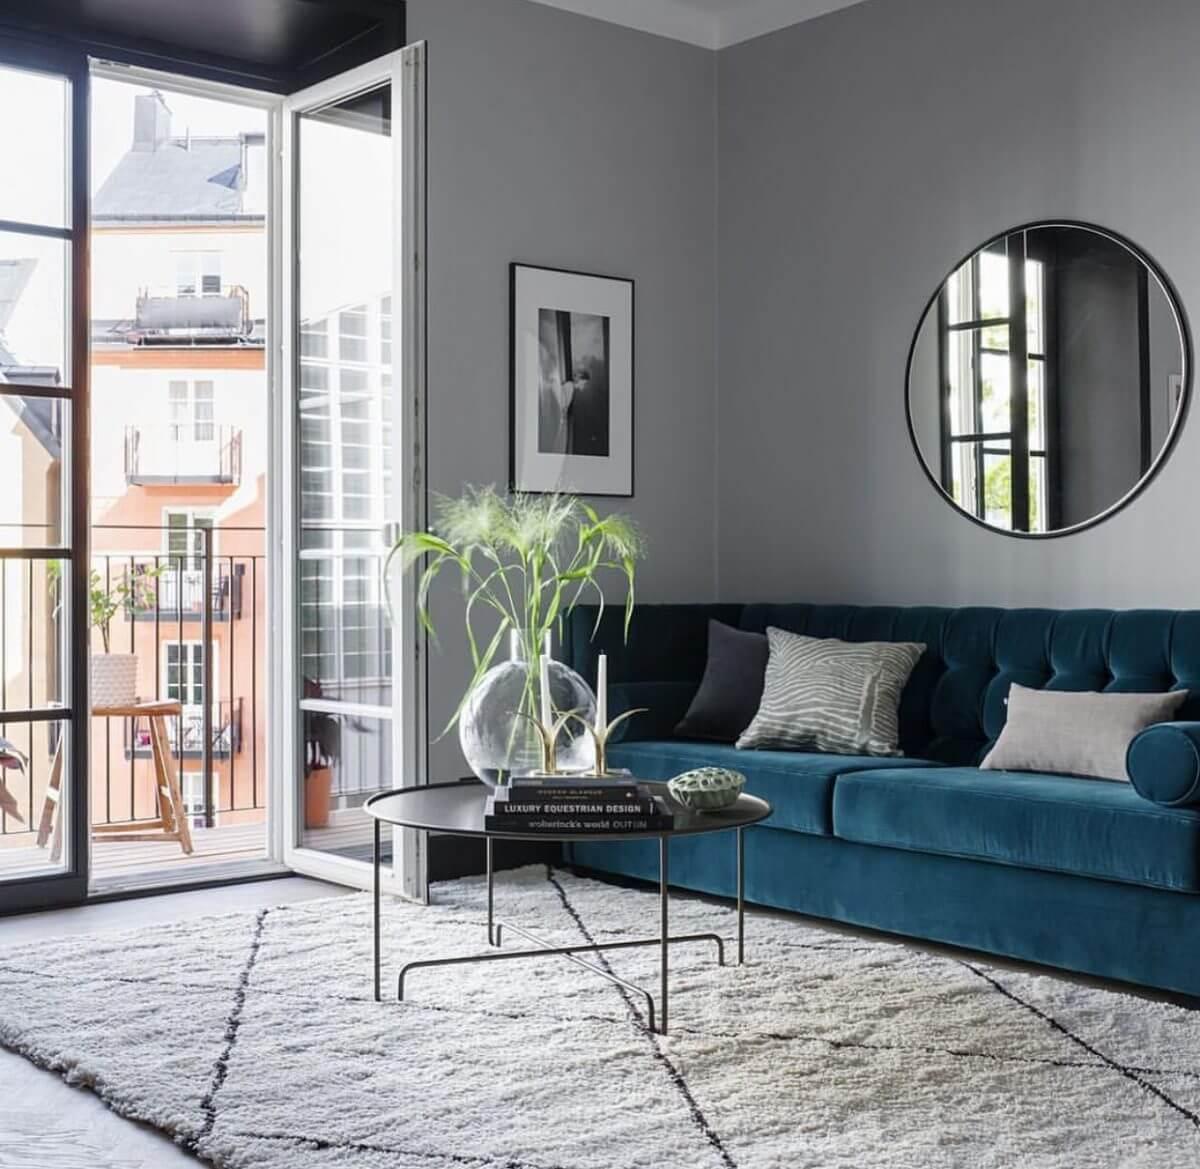 Canapé en velours bleu et tapis berbère